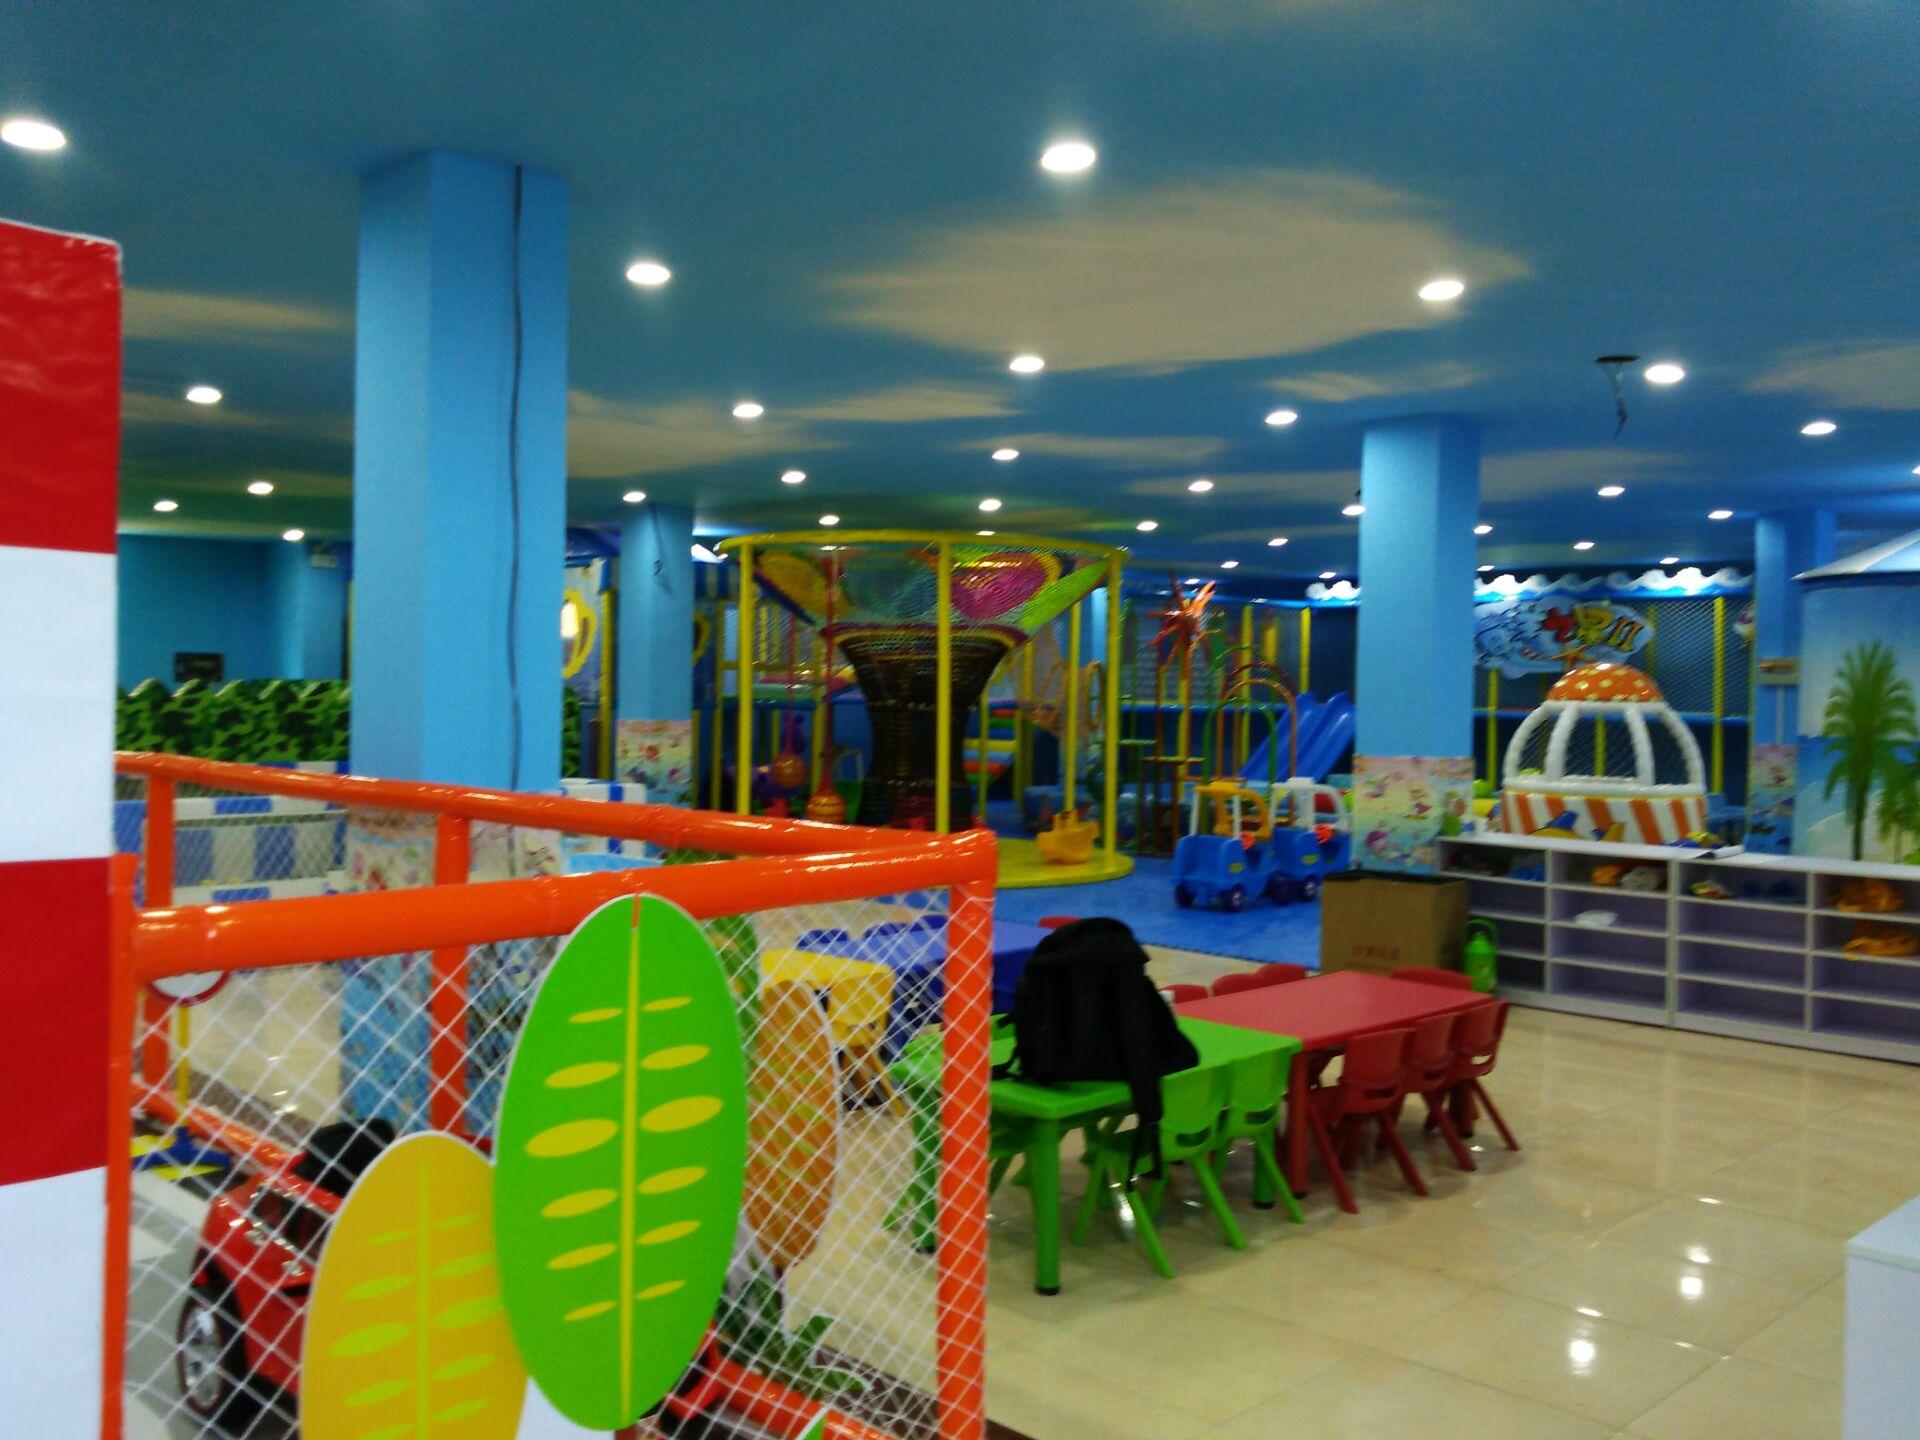 潜江快乐小孩室内儿童游乐园加盟怎么样?哪家好?